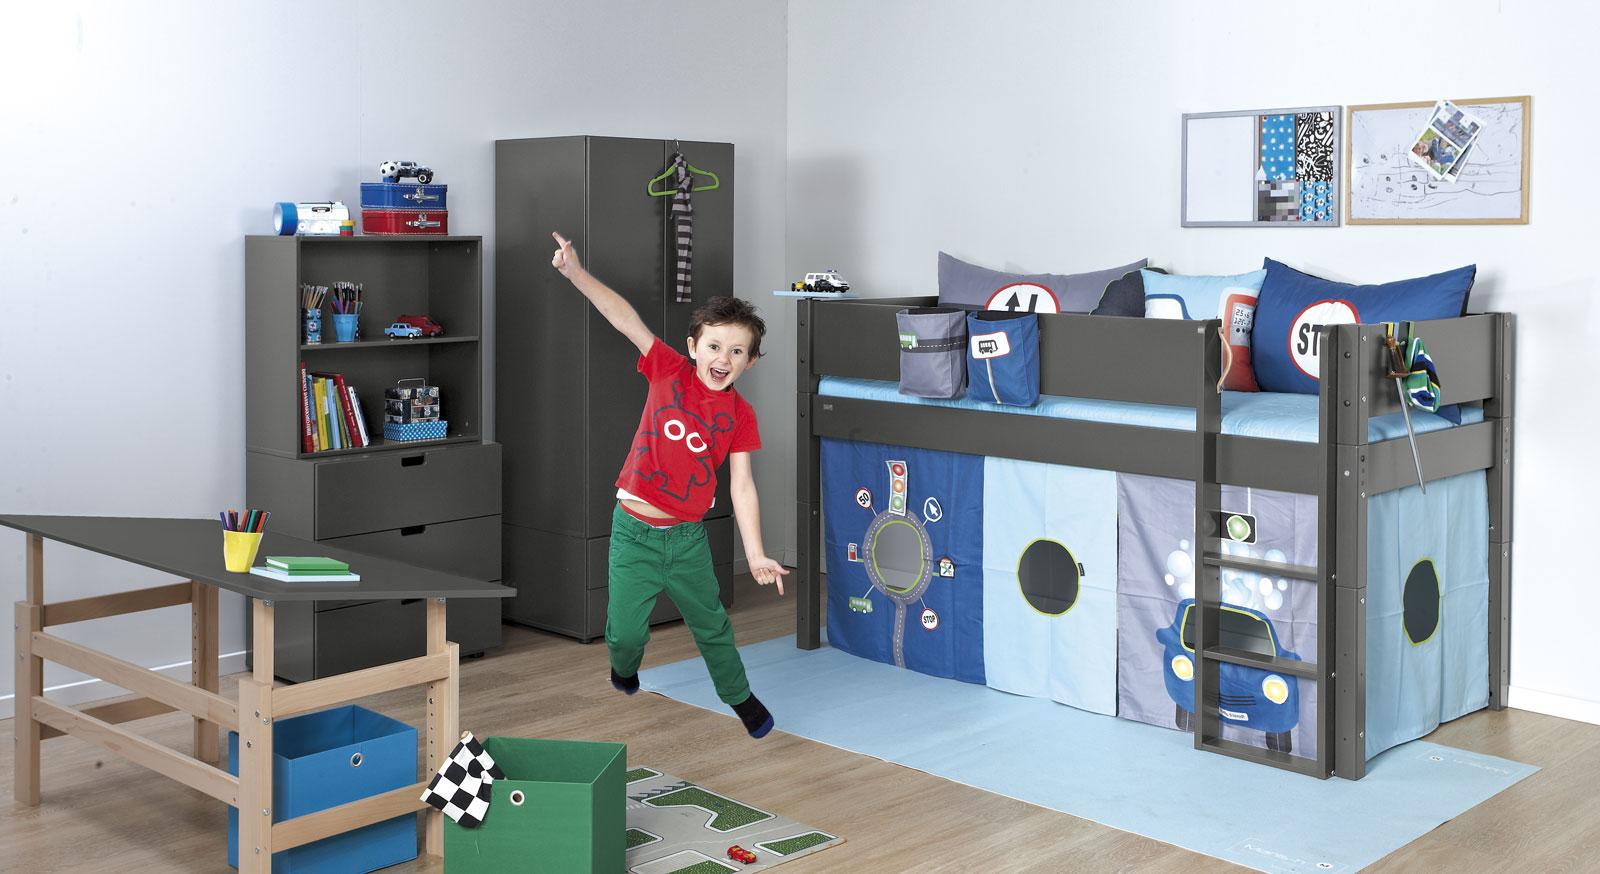 Full Size of Kinderzimmer Jungen Komplett Junge 6 Jahre 7 Wandgestaltung 5 Deko Selber Machen 8 Einrichten 4 Ikea Regal Weiß Regale Sofa Kinderzimmer Kinderzimmer Jungen